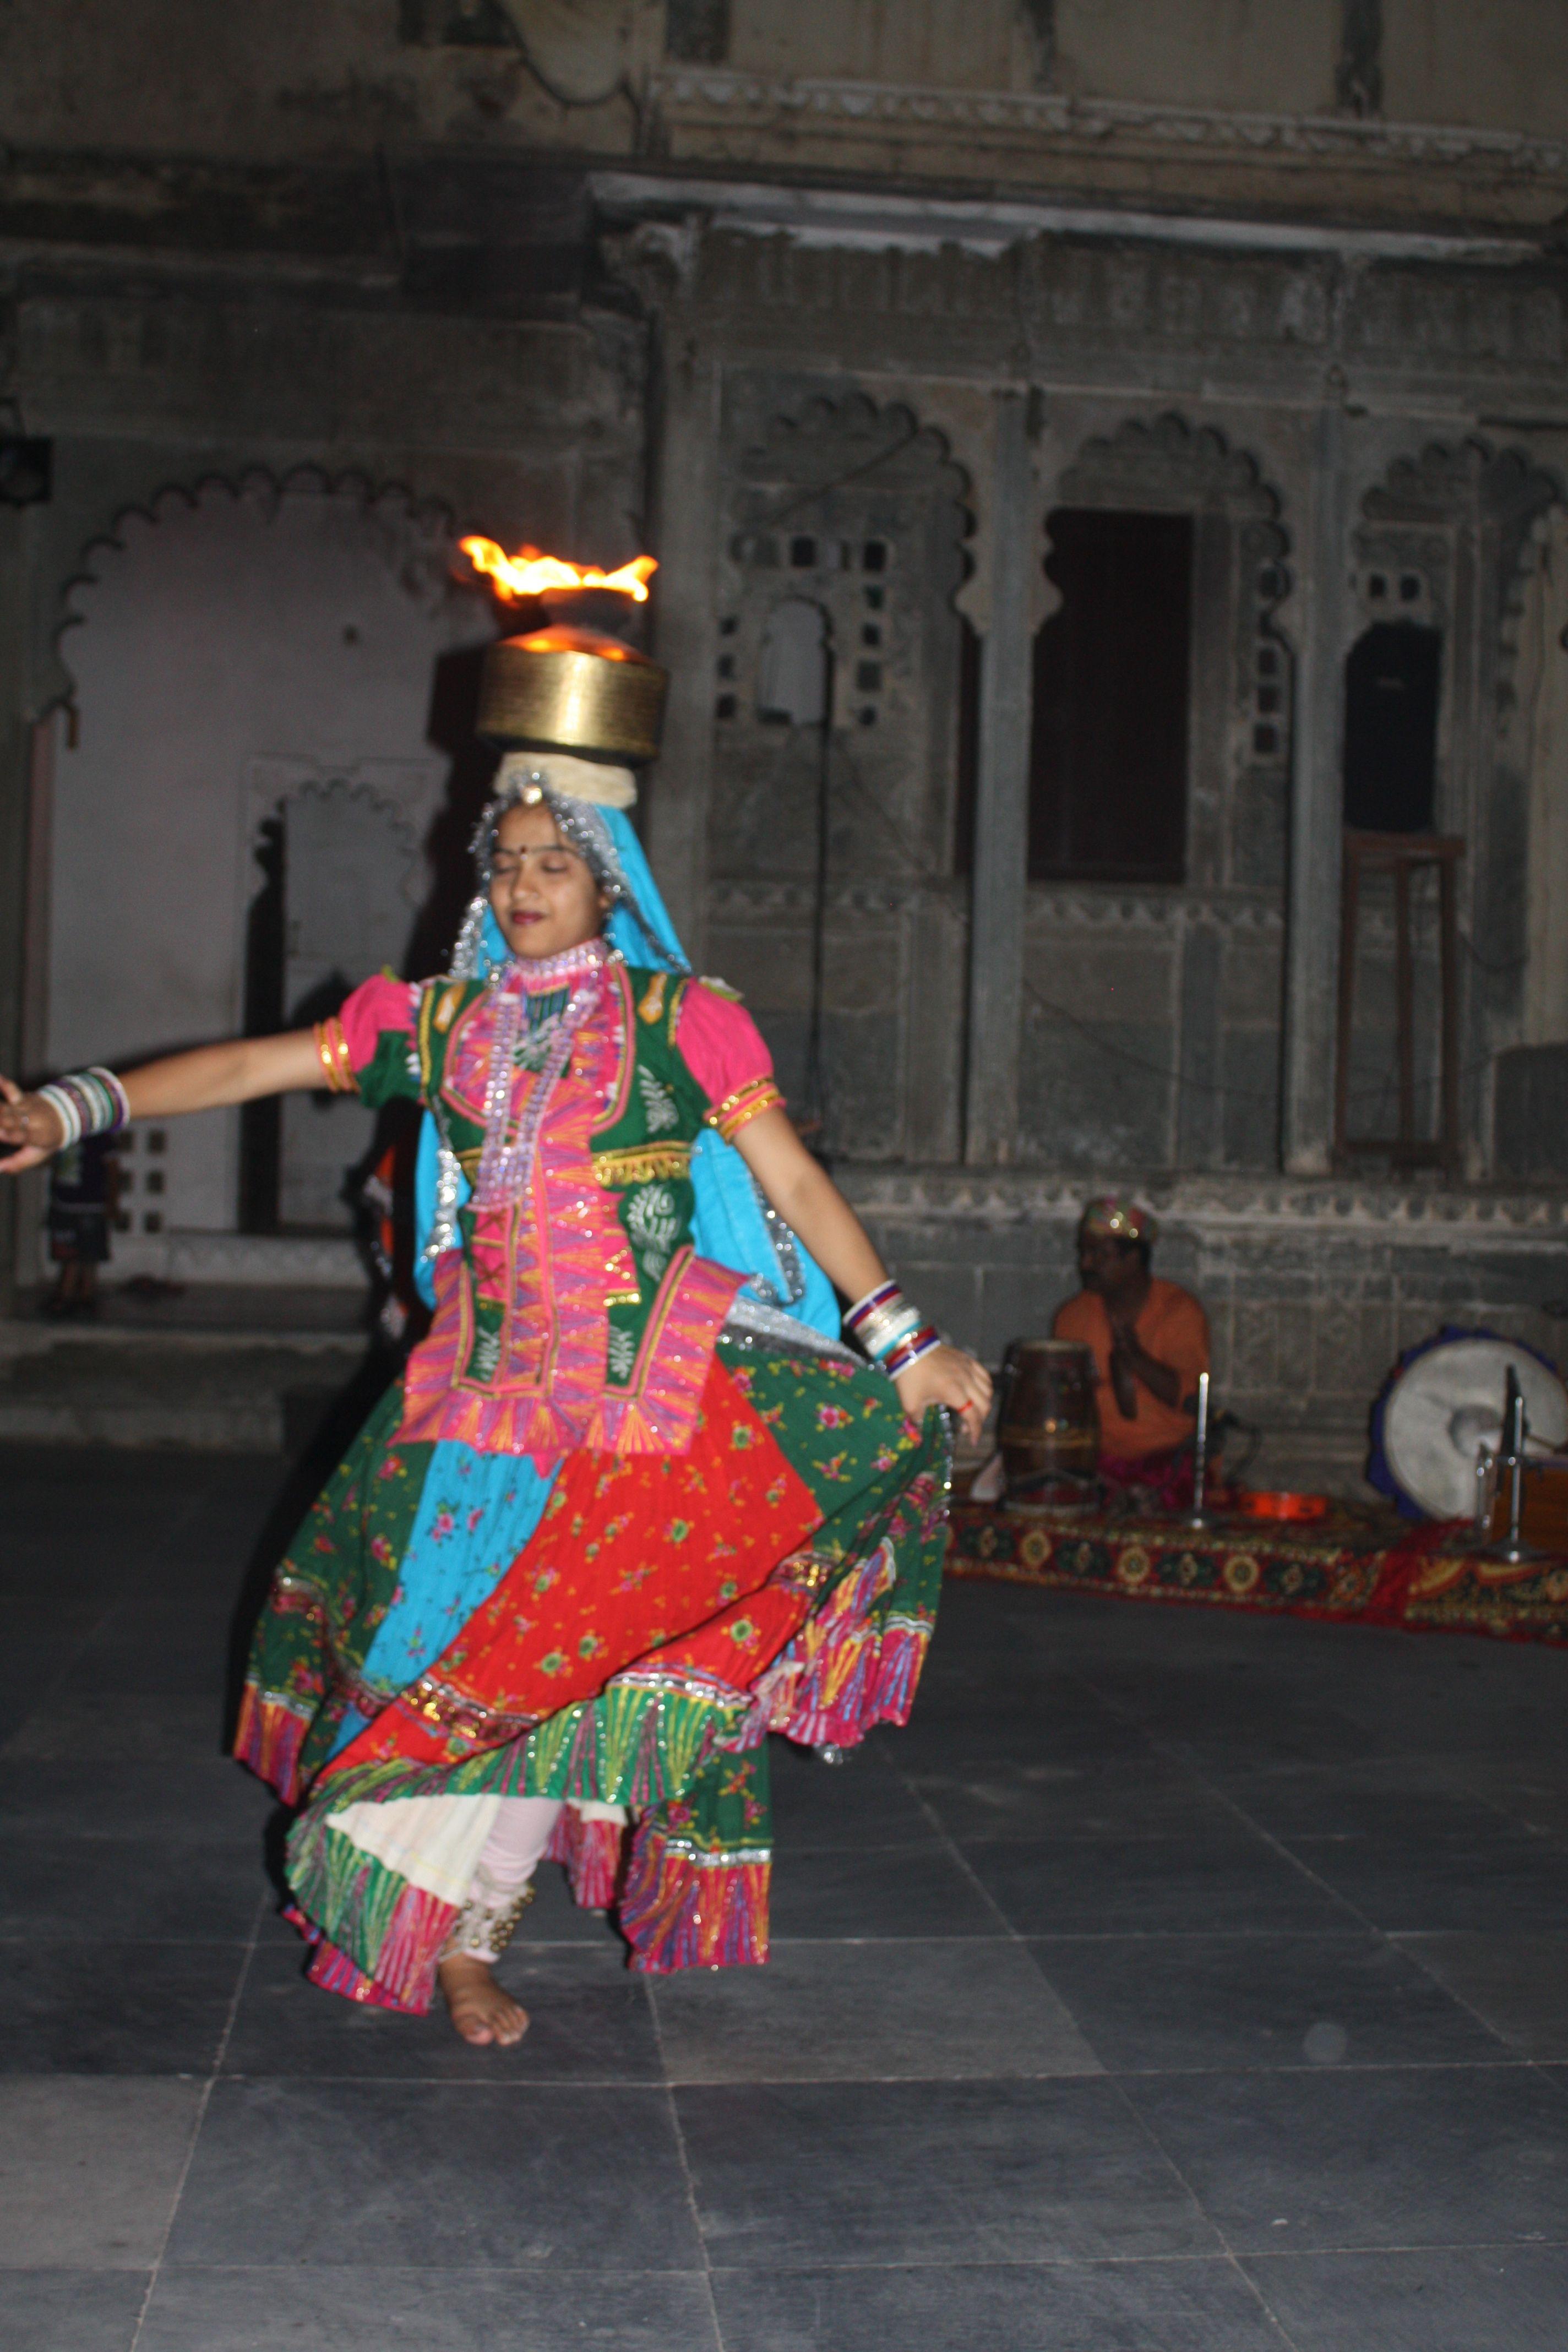 Danses traditionnelles. Pour plus d'infos, consultez www.voyageinindia.fr